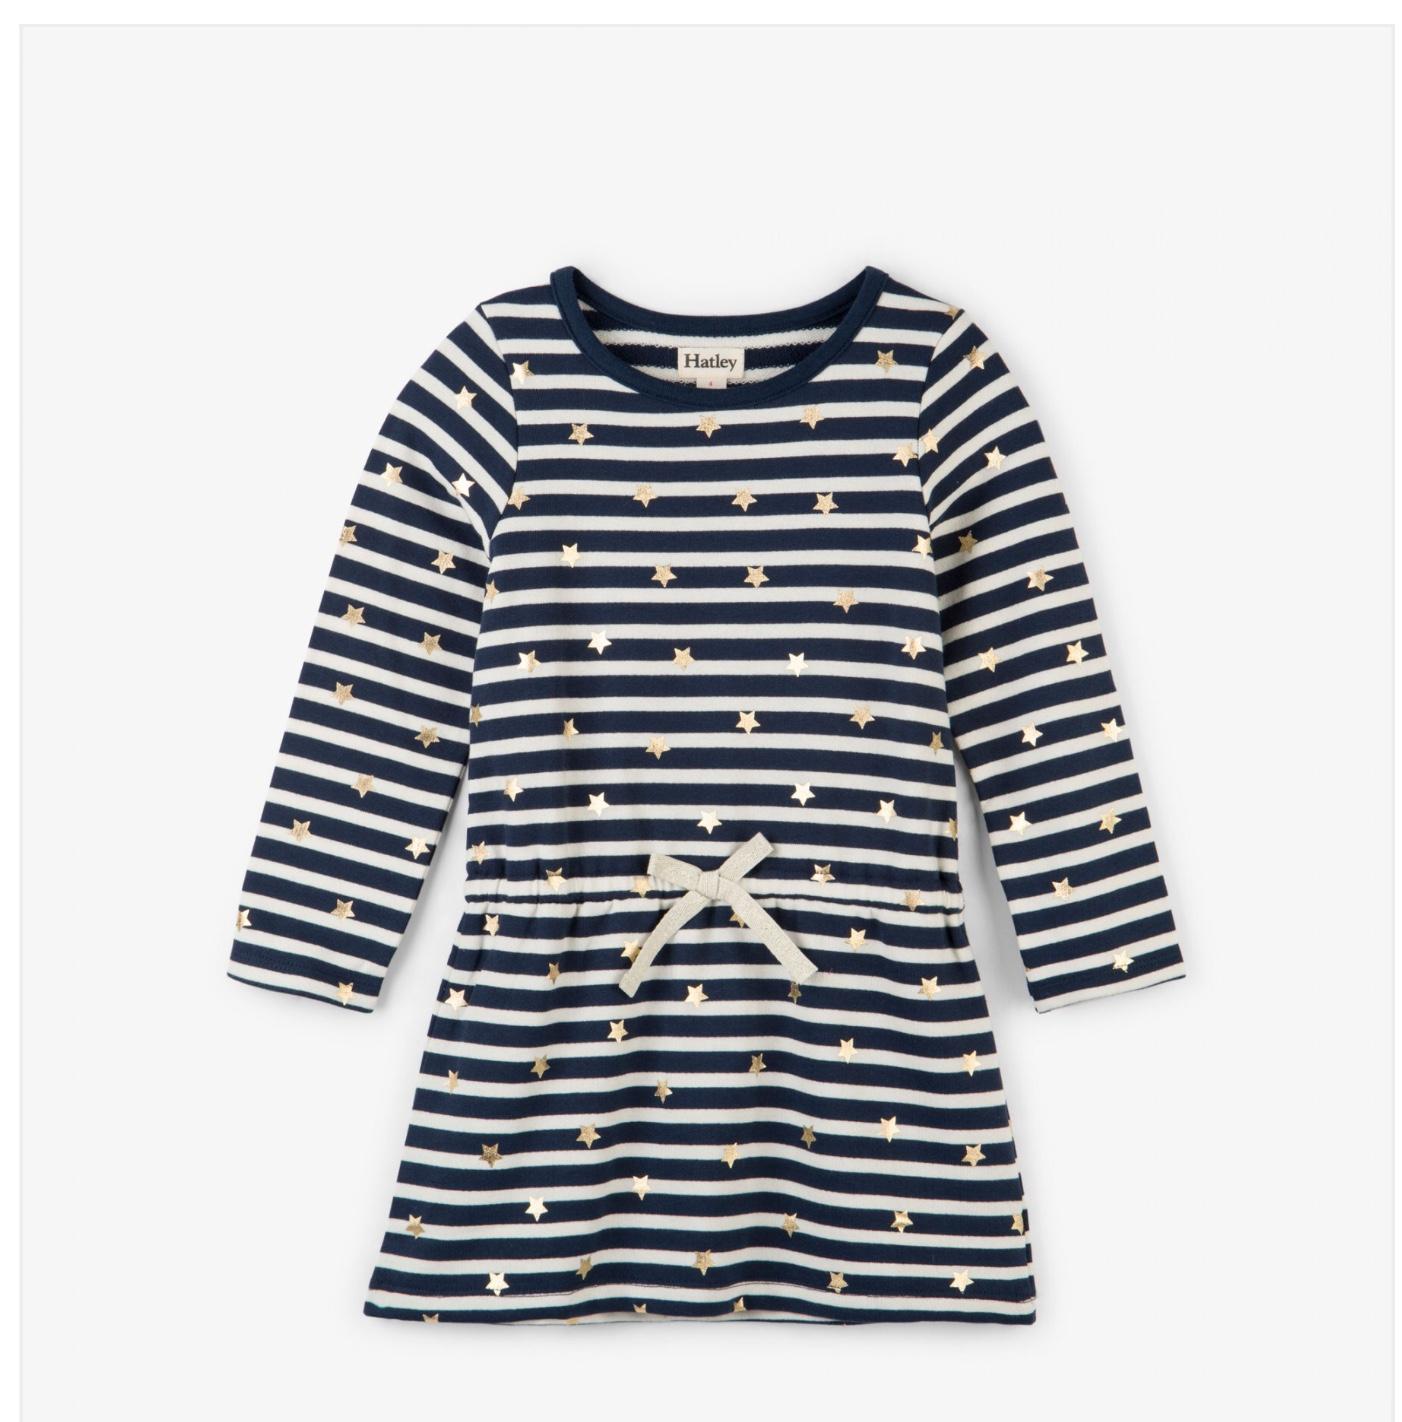 Hatley Starry Striped Long Sleeve Dress